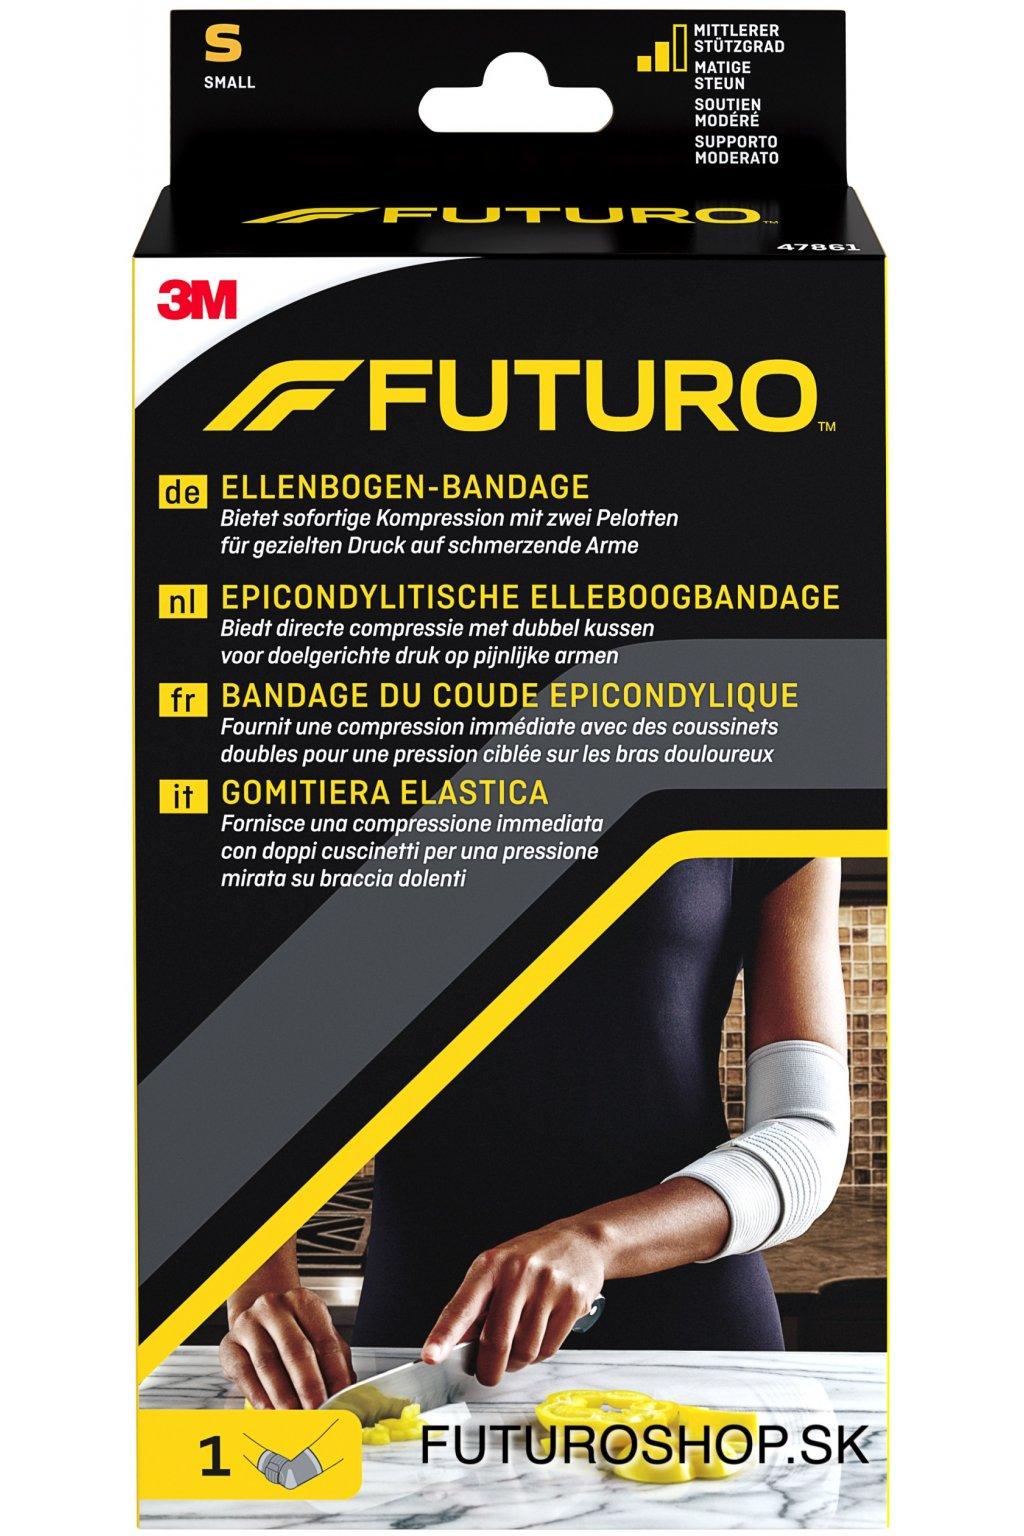 3M FUTURO lakťová bandáž s epikondylárnou páskou 47861, veľkosť S